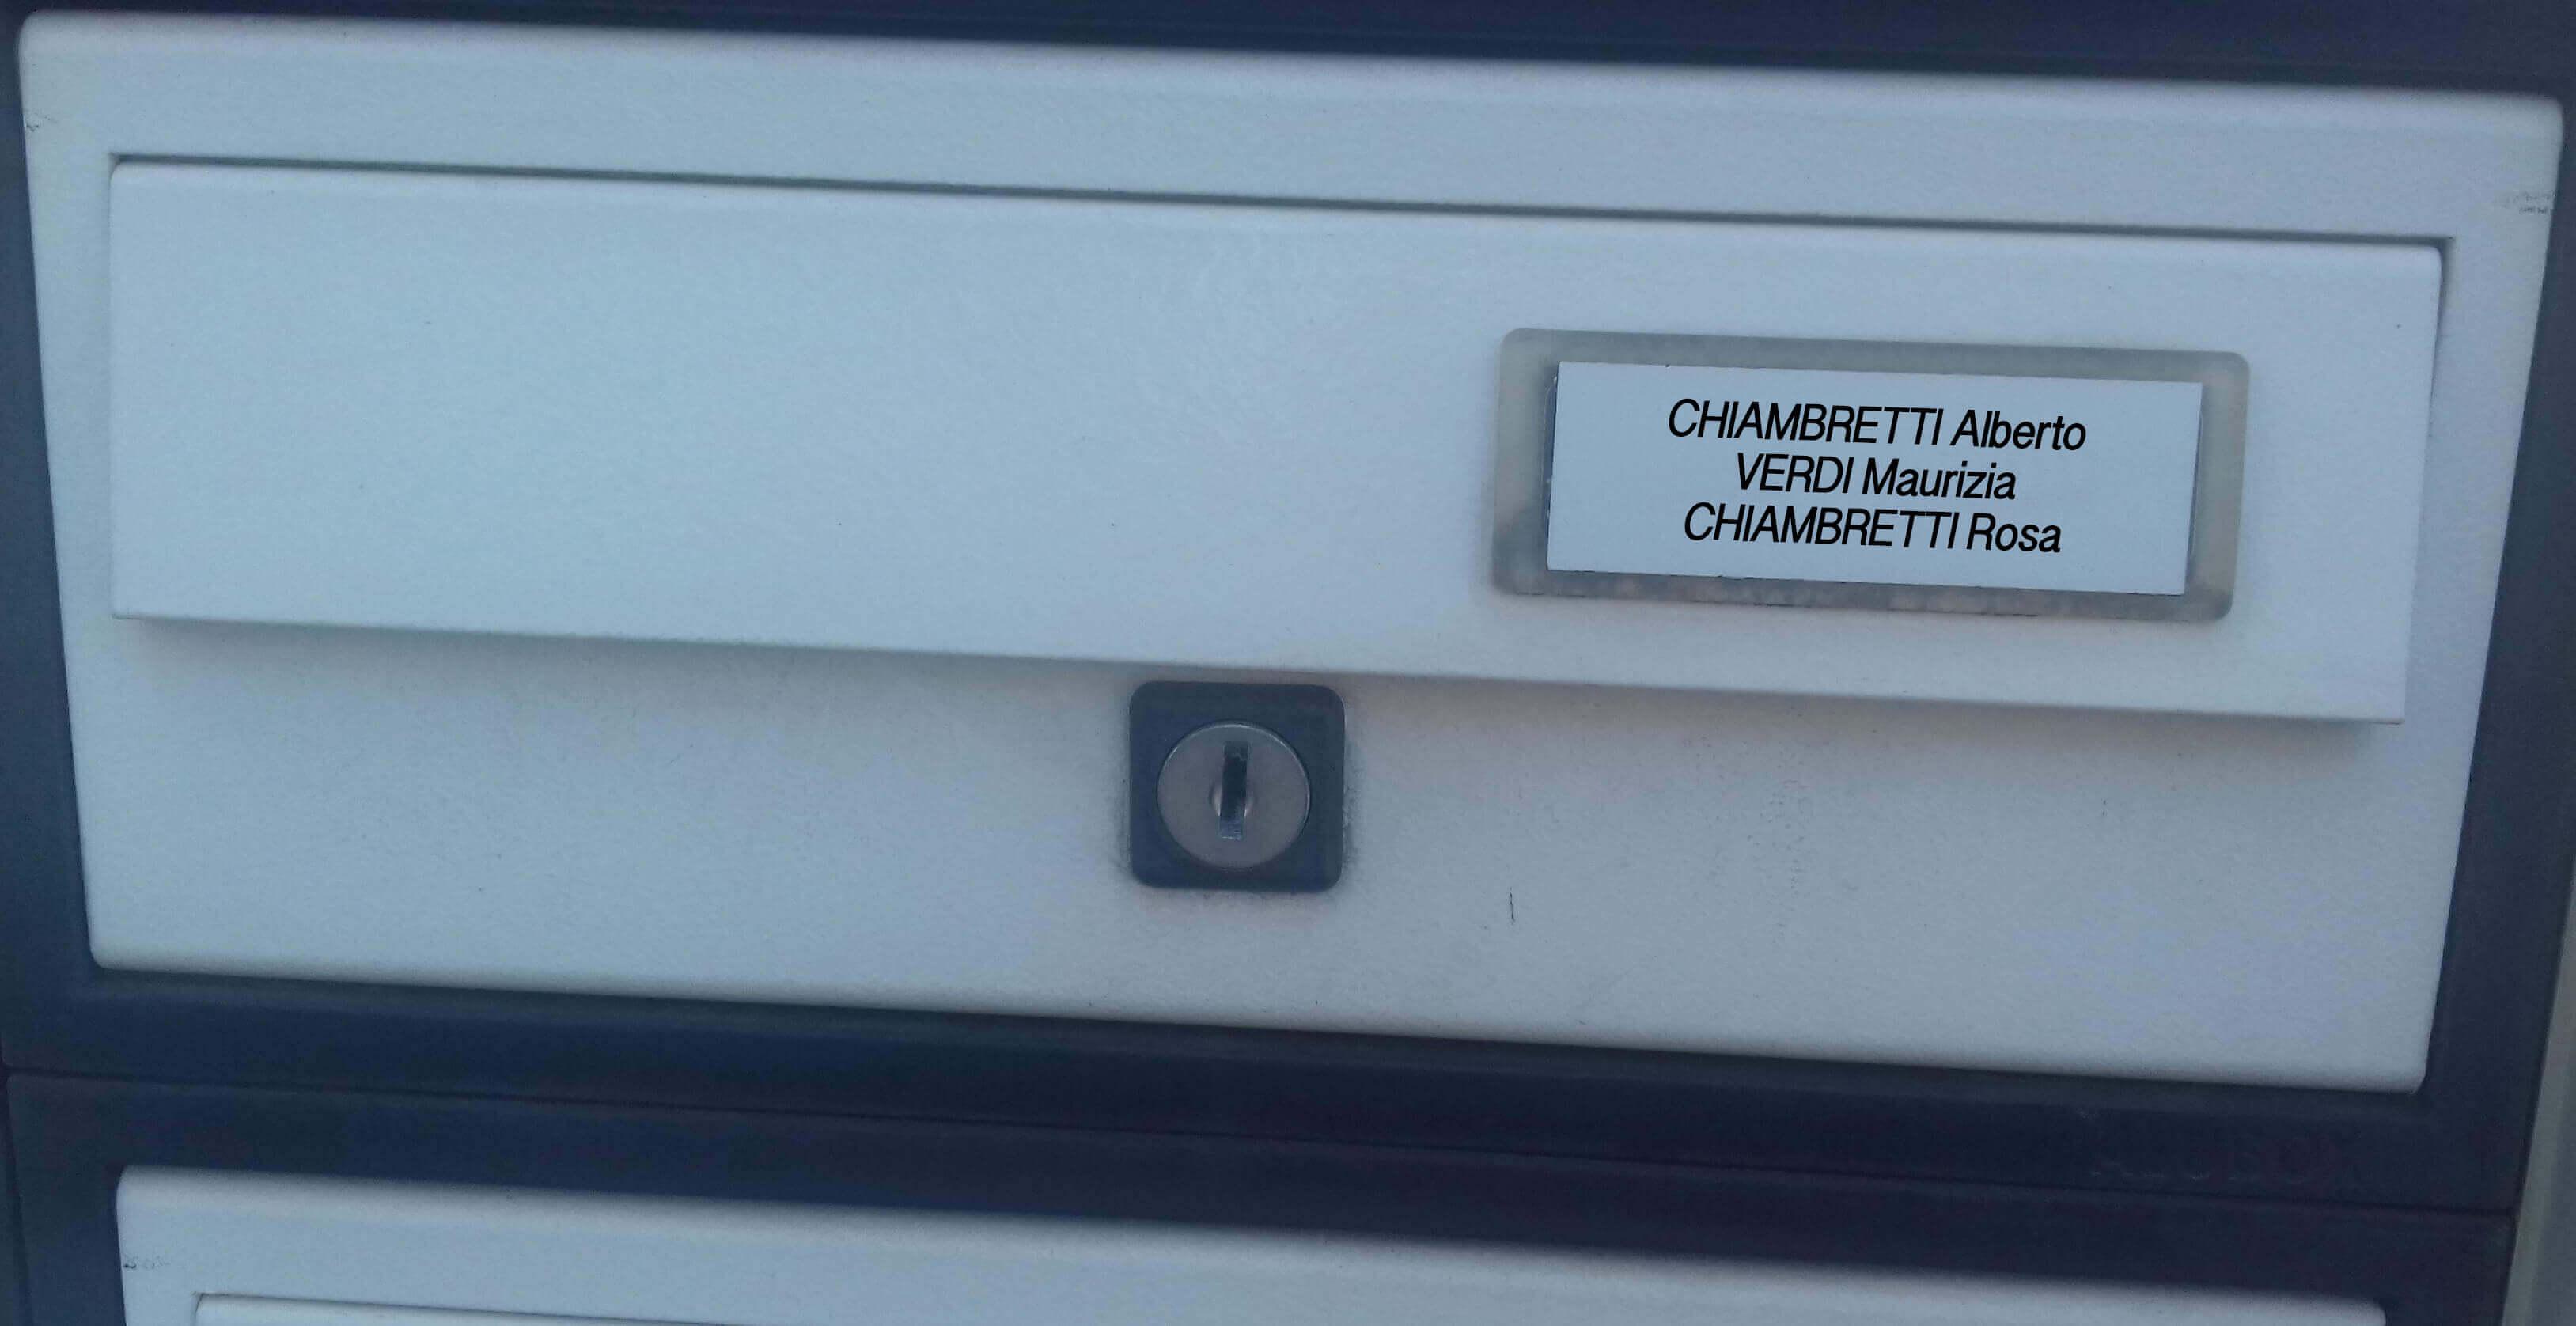 Targhetta Cassetta Postale.Targhetta Posta In Plastica 8030 Con Adesivo Compreso